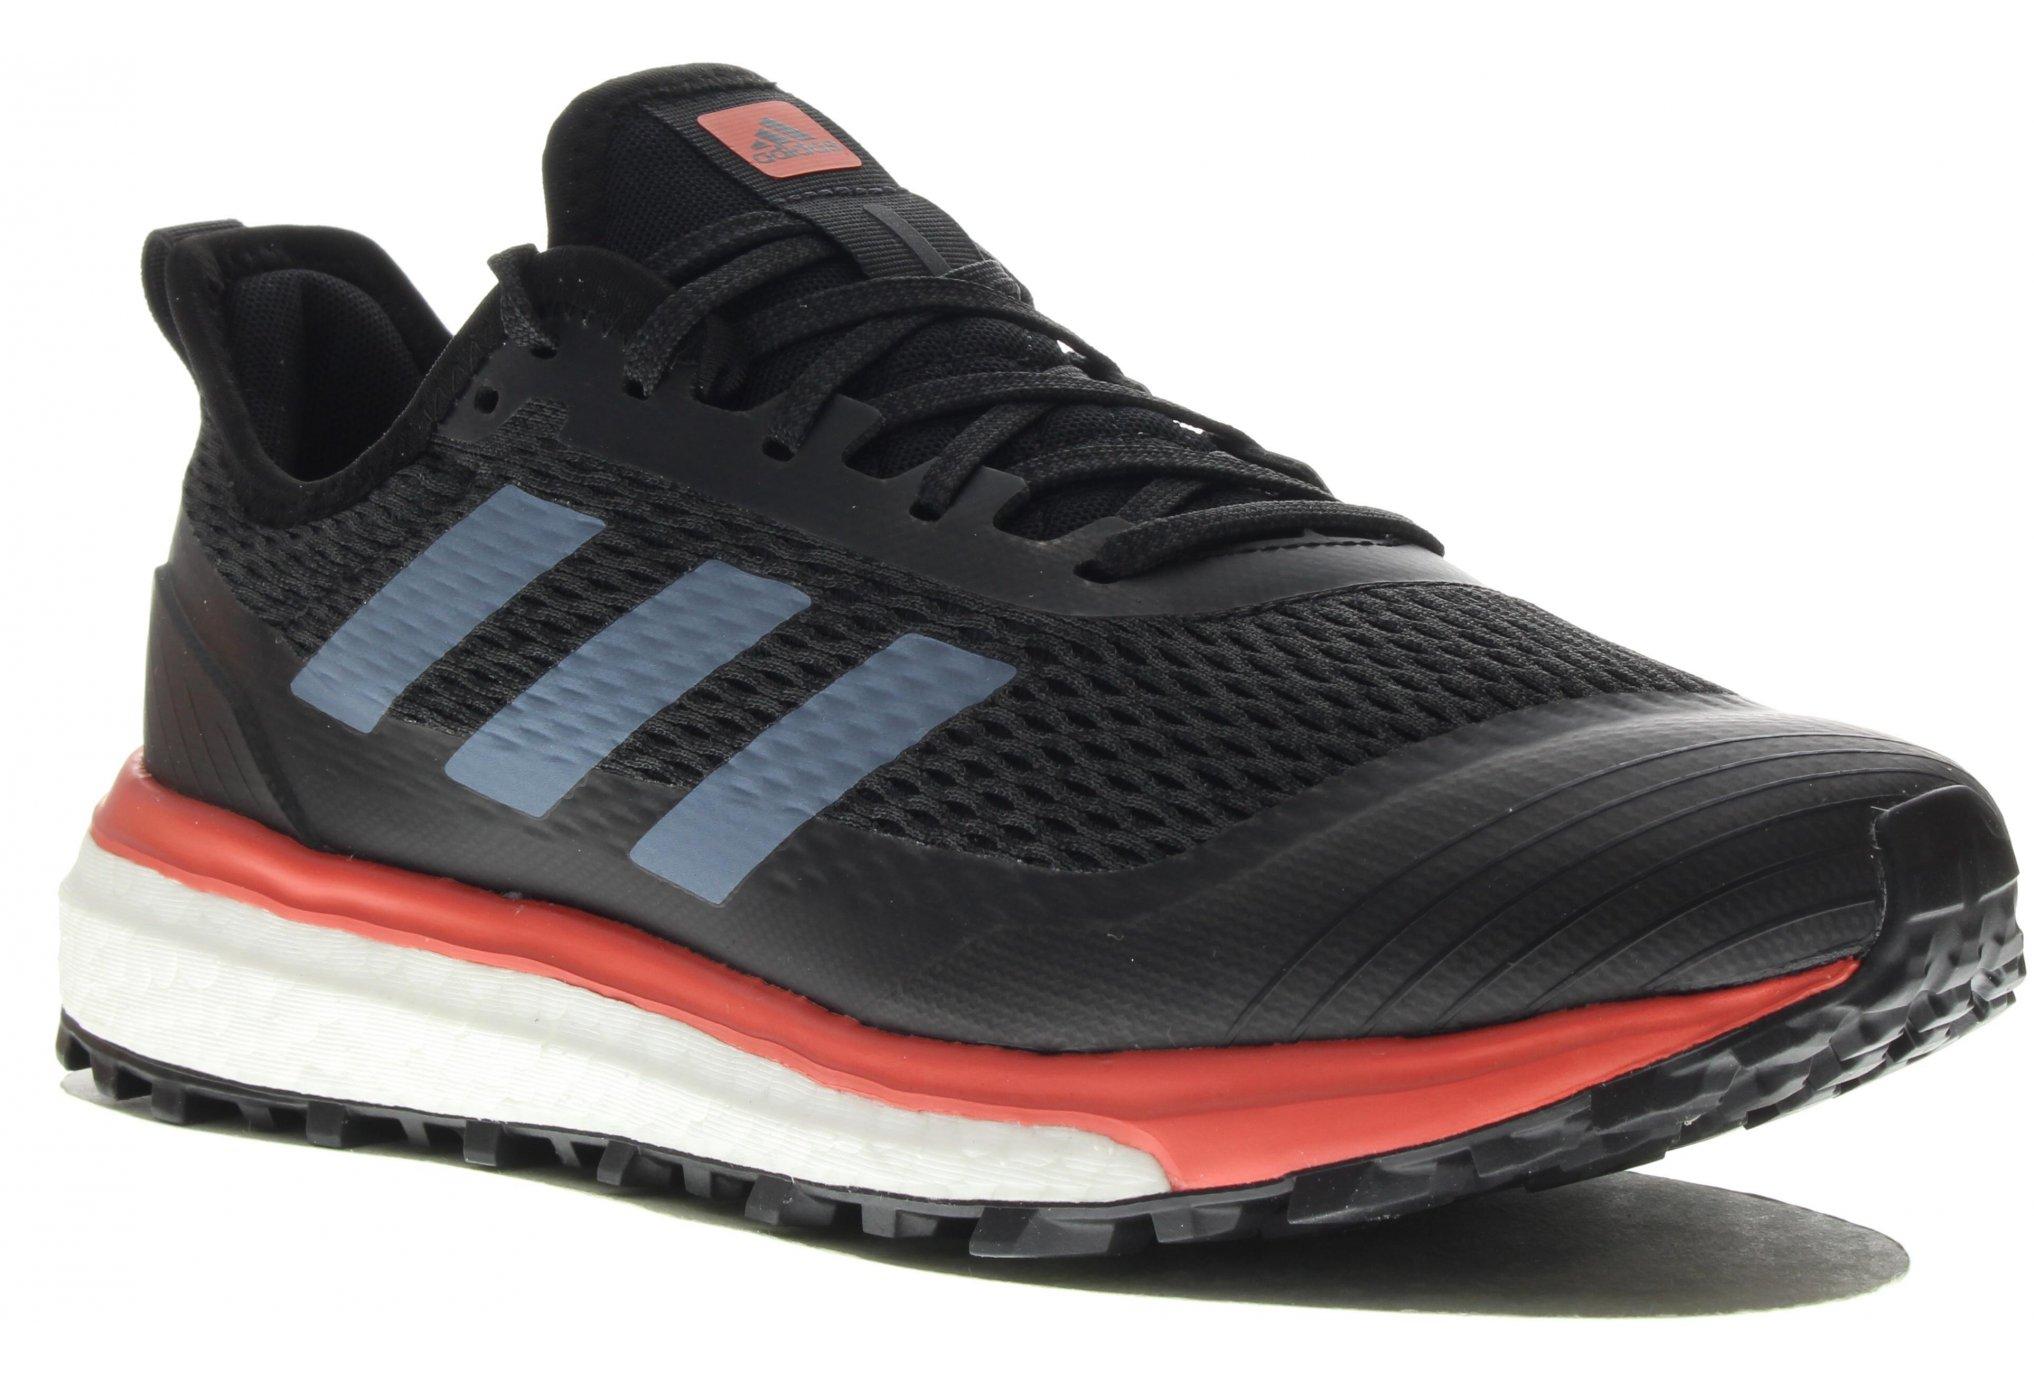 Adidas Response trail w diététique chaussures femme